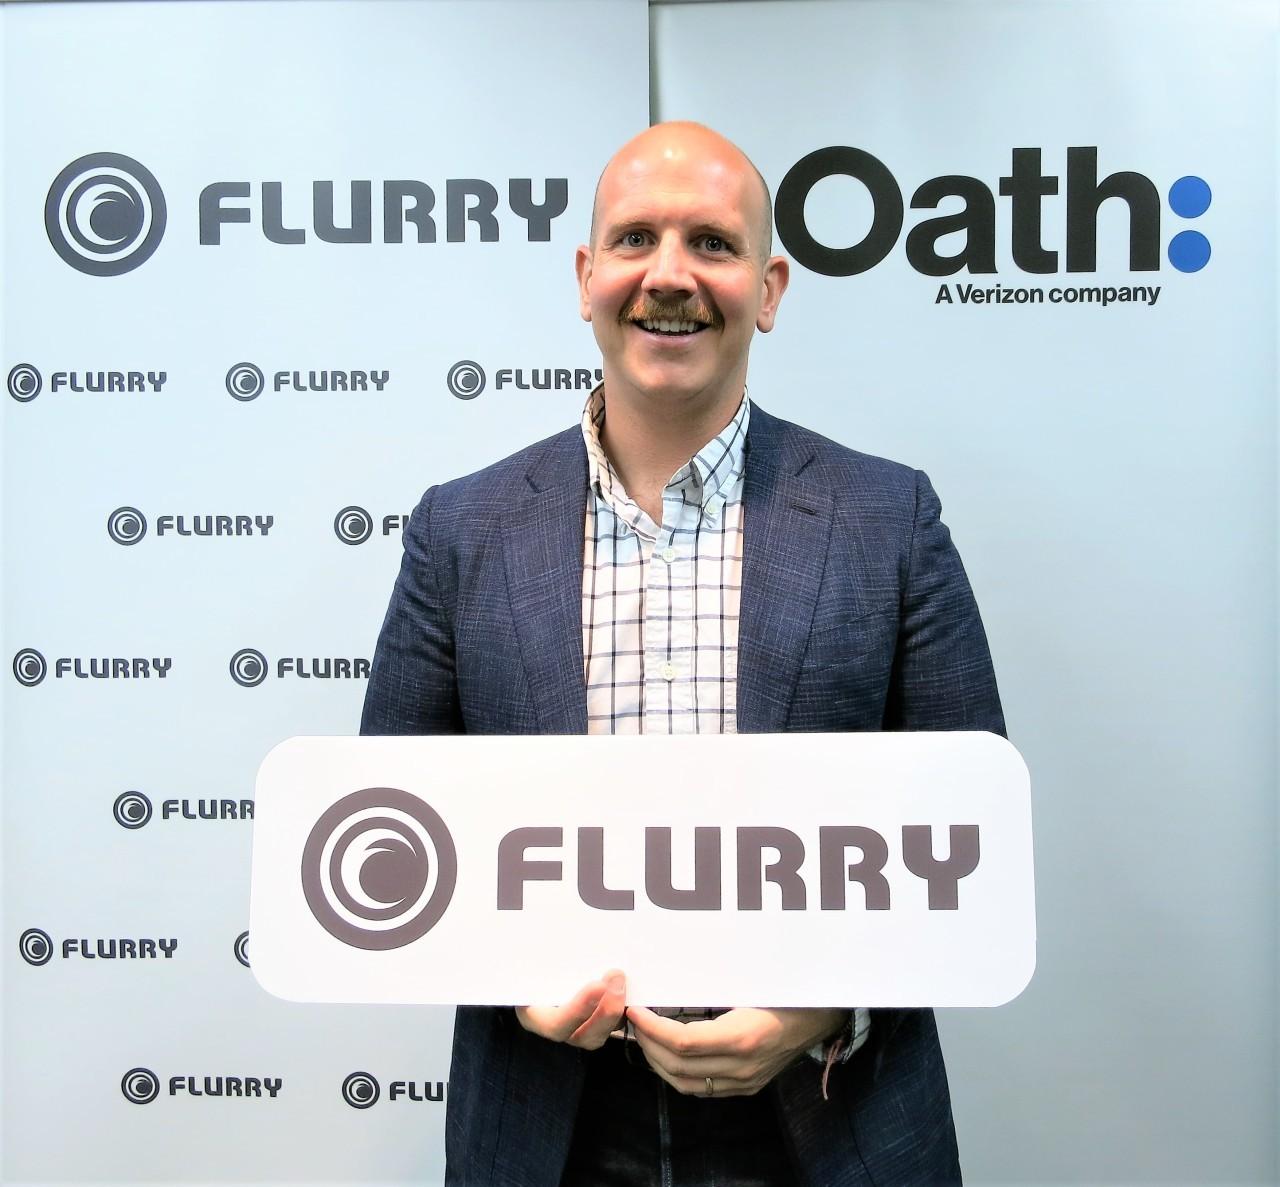 全新免費推播功能Flurry Push上線:3大推播類型強化用戶互動